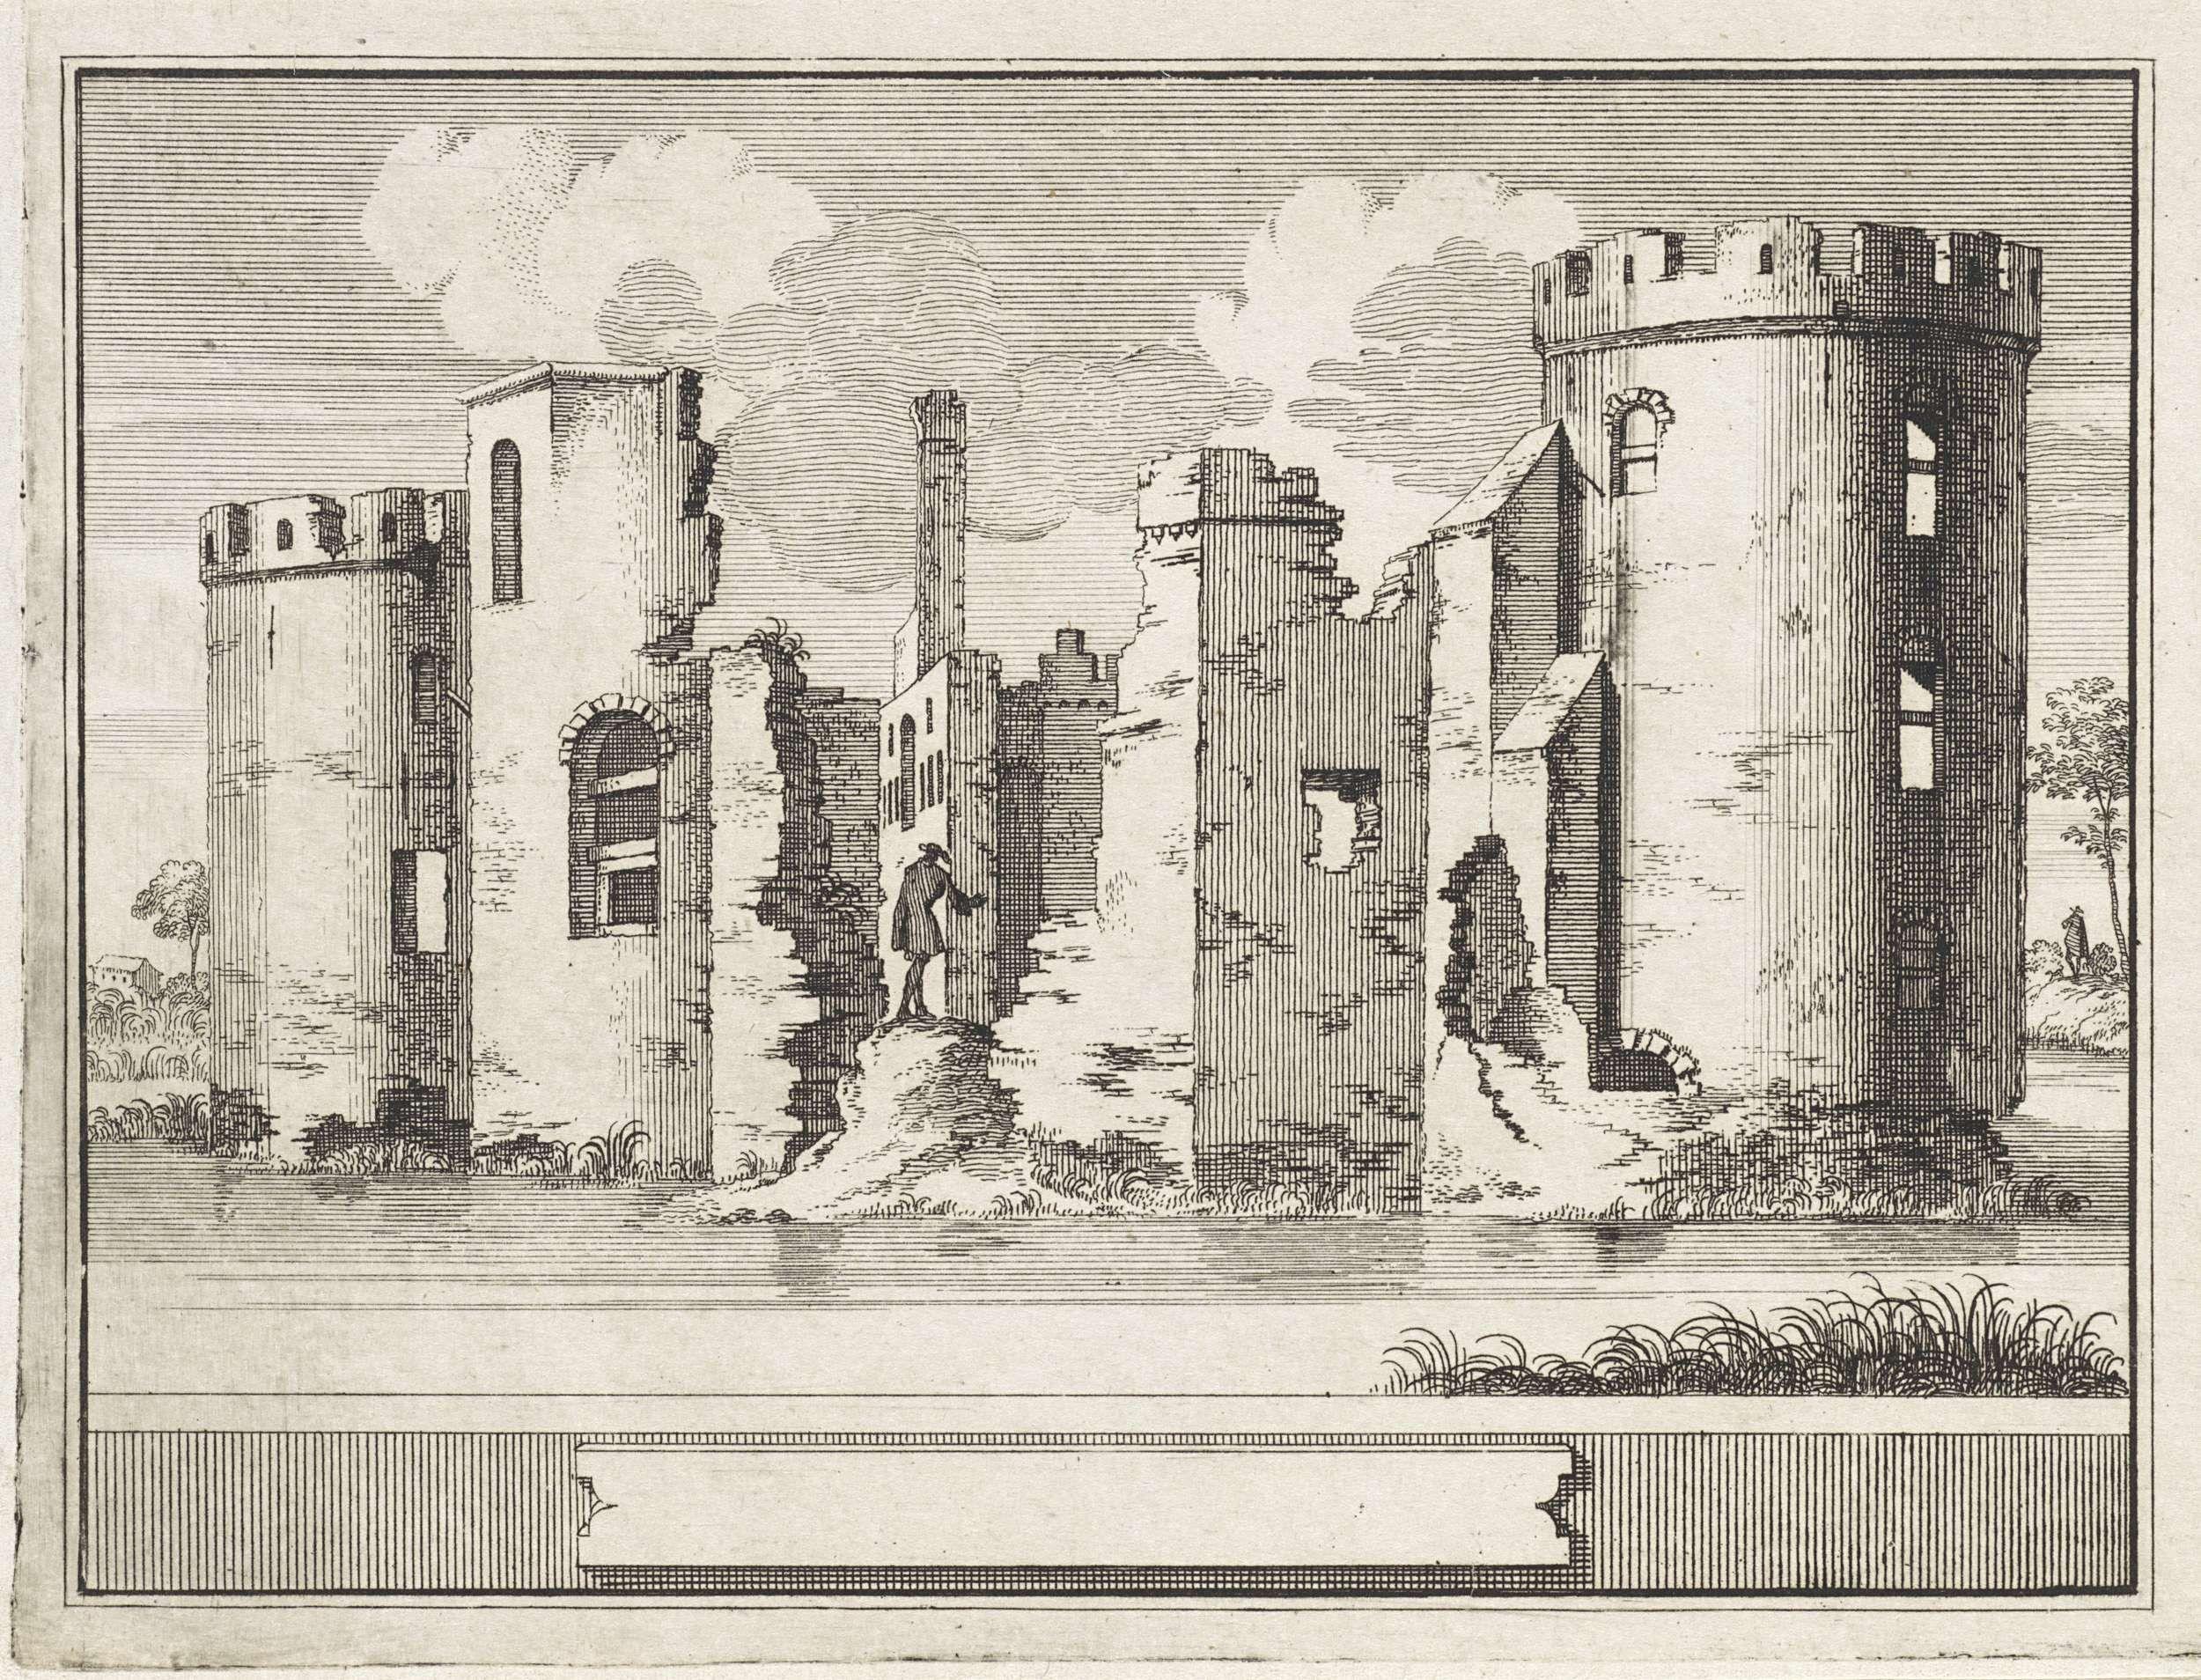 Jacobus Schijnvoet | Gezicht op de ruïne van het Slot Abcoude, Jacobus Schijnvoet, 1711 - 1774 |